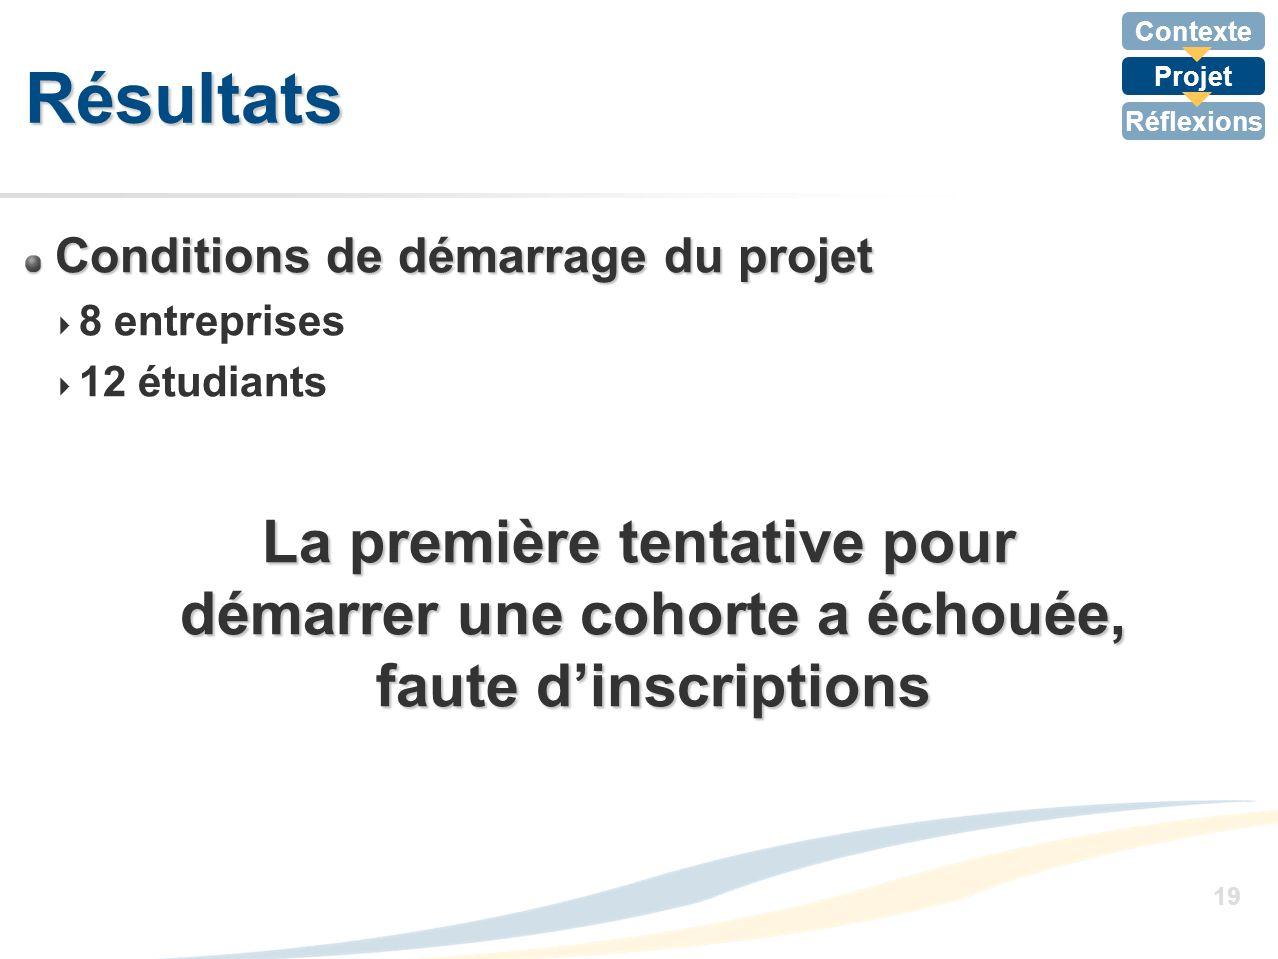 Contexte Projet Réflexions 19 Résultats Conditions de démarrage du projet 8 entreprises 12 étudiants La première tentative pour démarrer une cohorte a